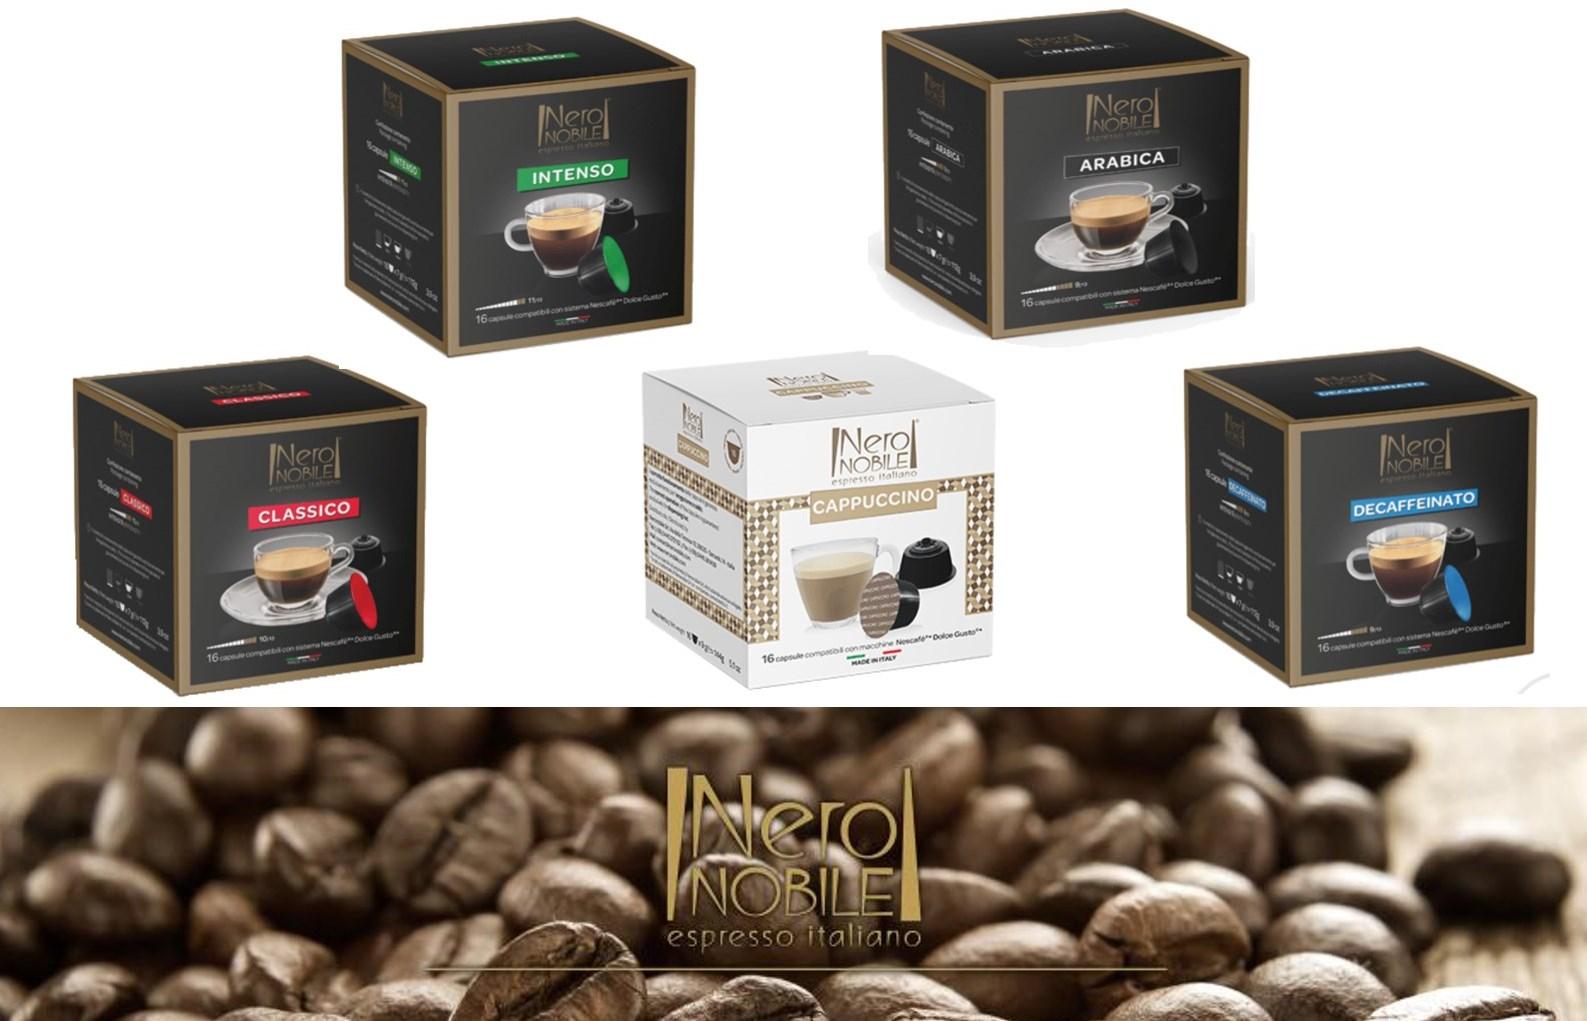 Ιταλικές Κάψουλες ΚΑΦΕ συμβατές με μηχανές DOLCE GUSTO: Η Καλύτερη τιμή της αγοράς (από 0,19€/κάψουλα)! Απολαύστε αρωματικό Ristretto ή Espresso ή Lungo, από τη NeroNobile, την ηγέτιδα εταιρία στην Ιταλική βιομηχανία καφέ!